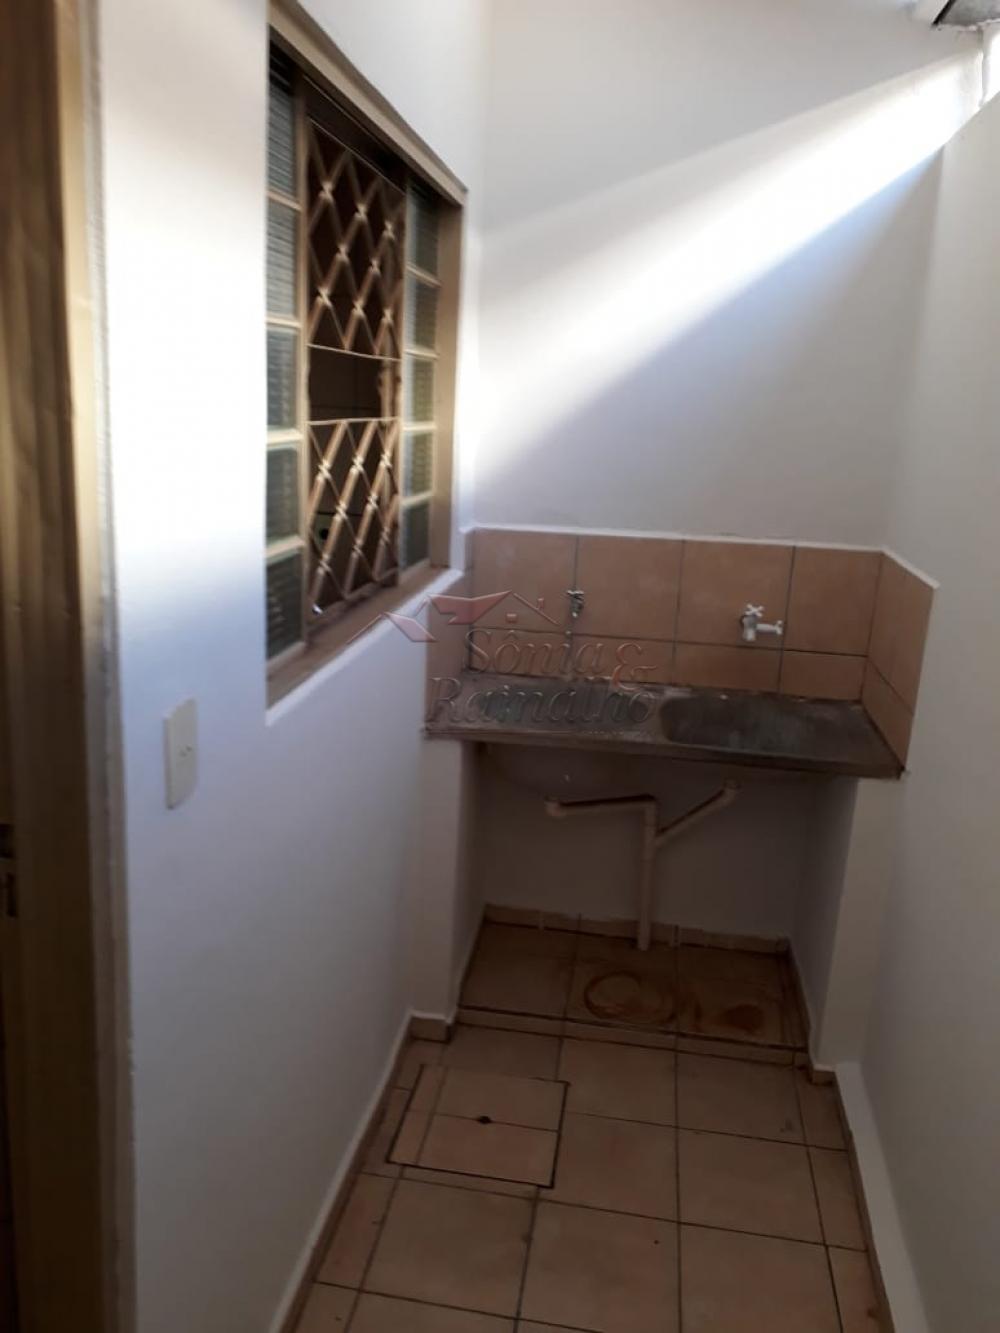 Alugar Casas / Padrão em Ribeirão Preto apenas R$ 650,00 - Foto 3